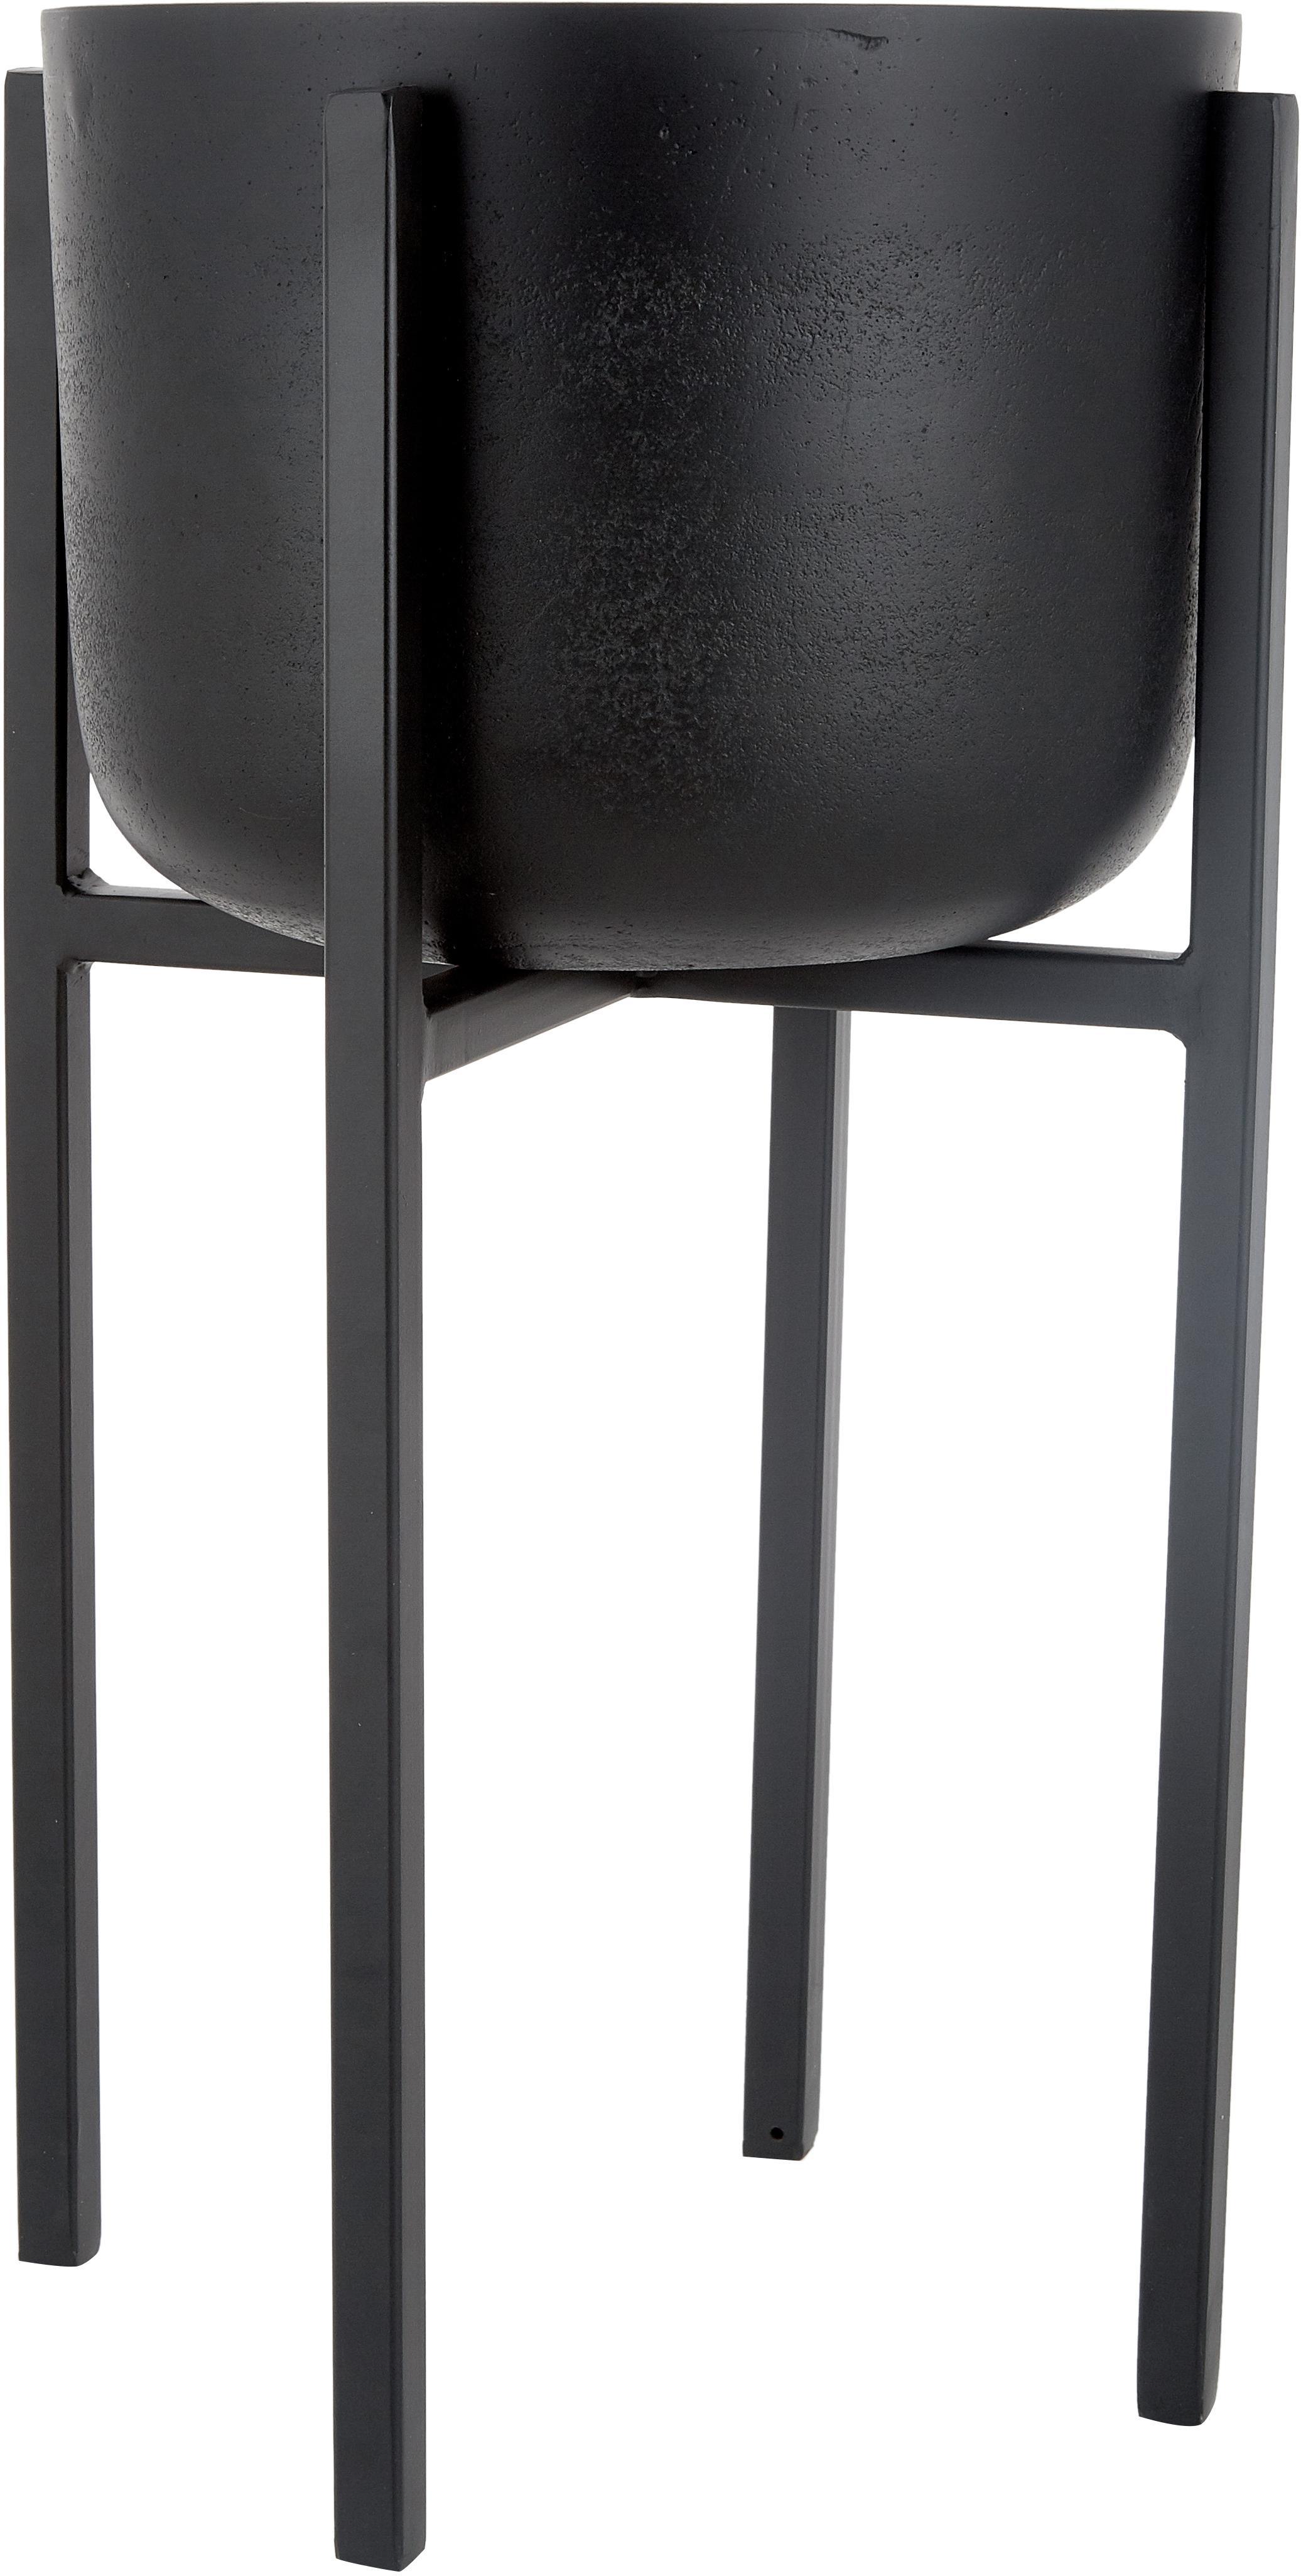 Portavaso in metallo Minell, Struttura: metallo rivestito, Nero, Ø 28 x Alt. 50 cm